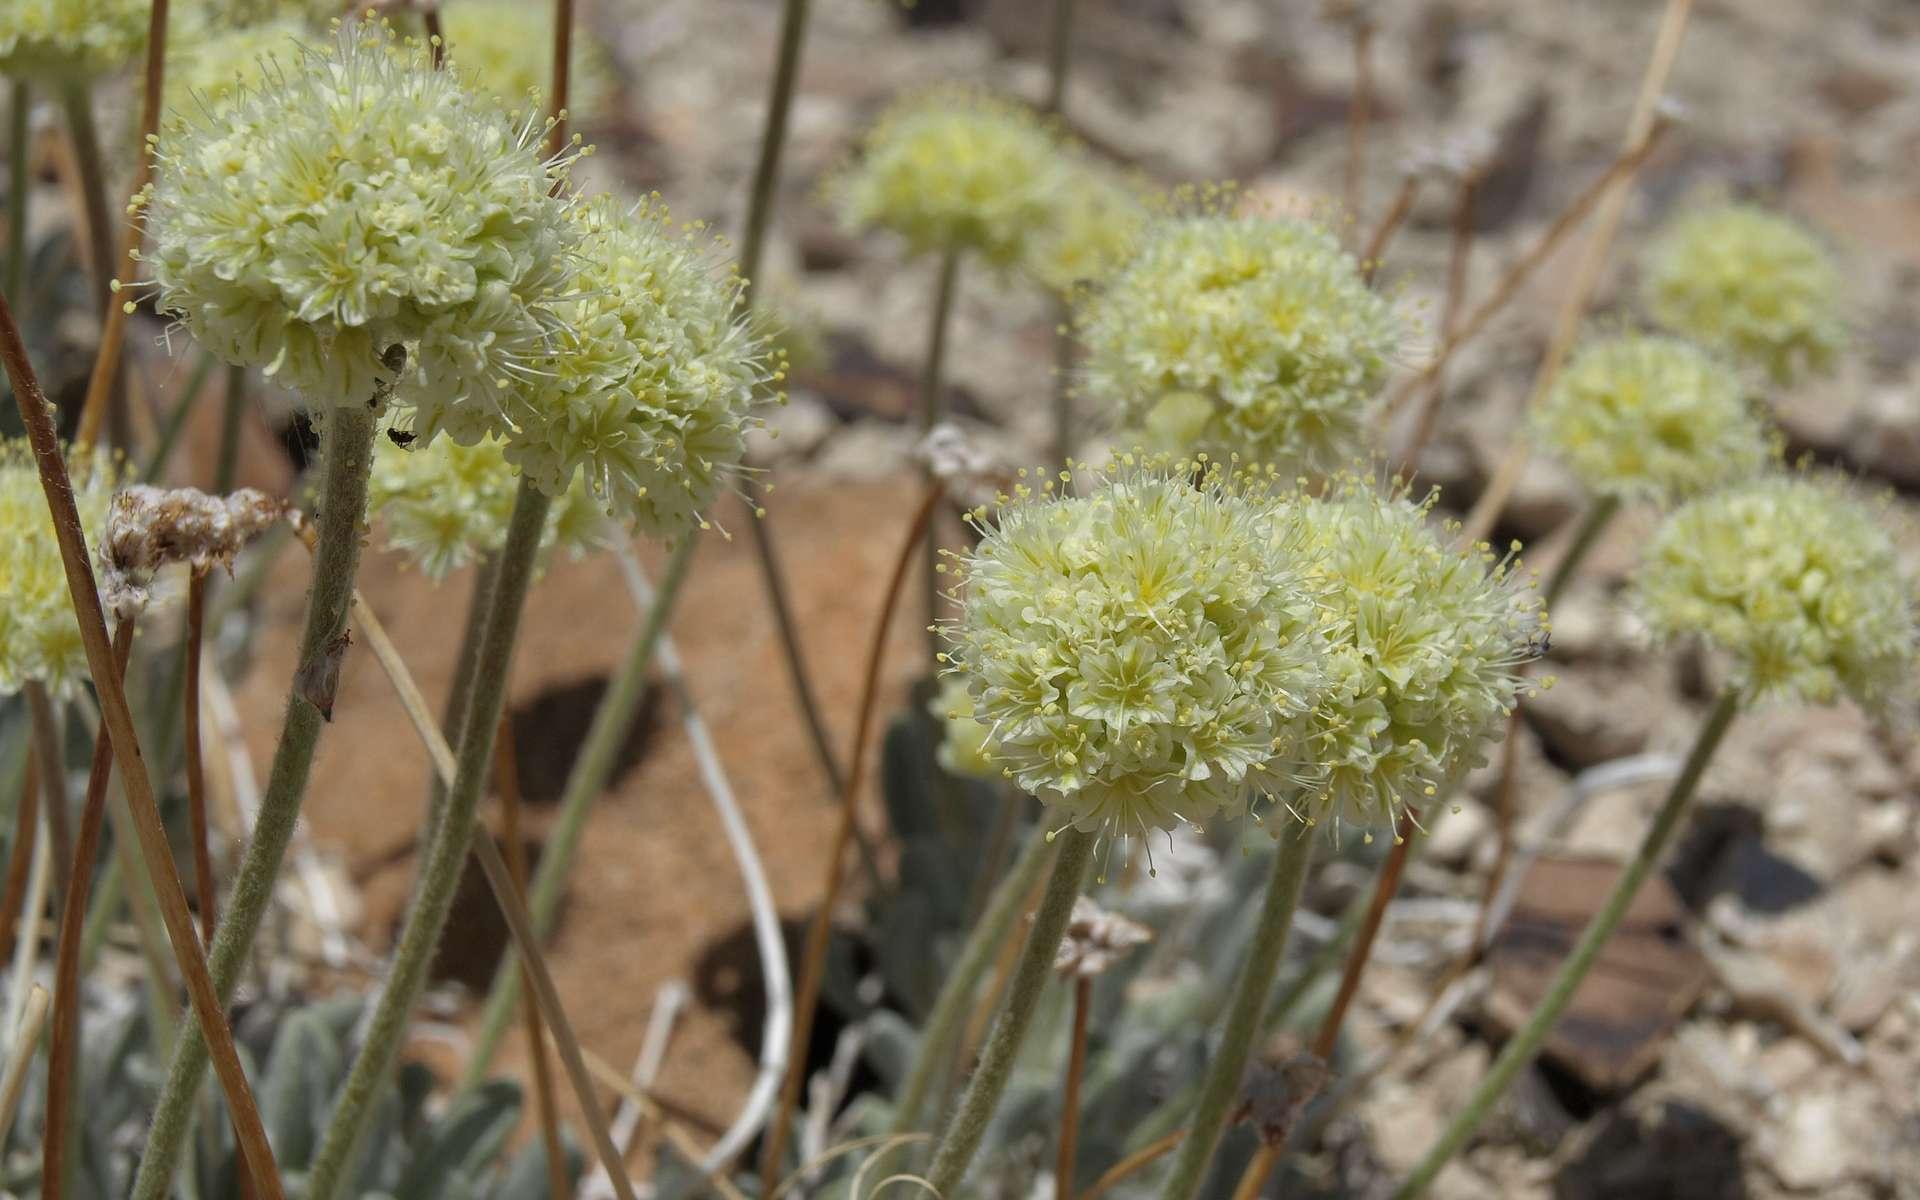 Le sarrasin de Tiehm (Eriogonum tiehmii), une espèce rare en voie de disparition. © Jim Morefield, Flickr